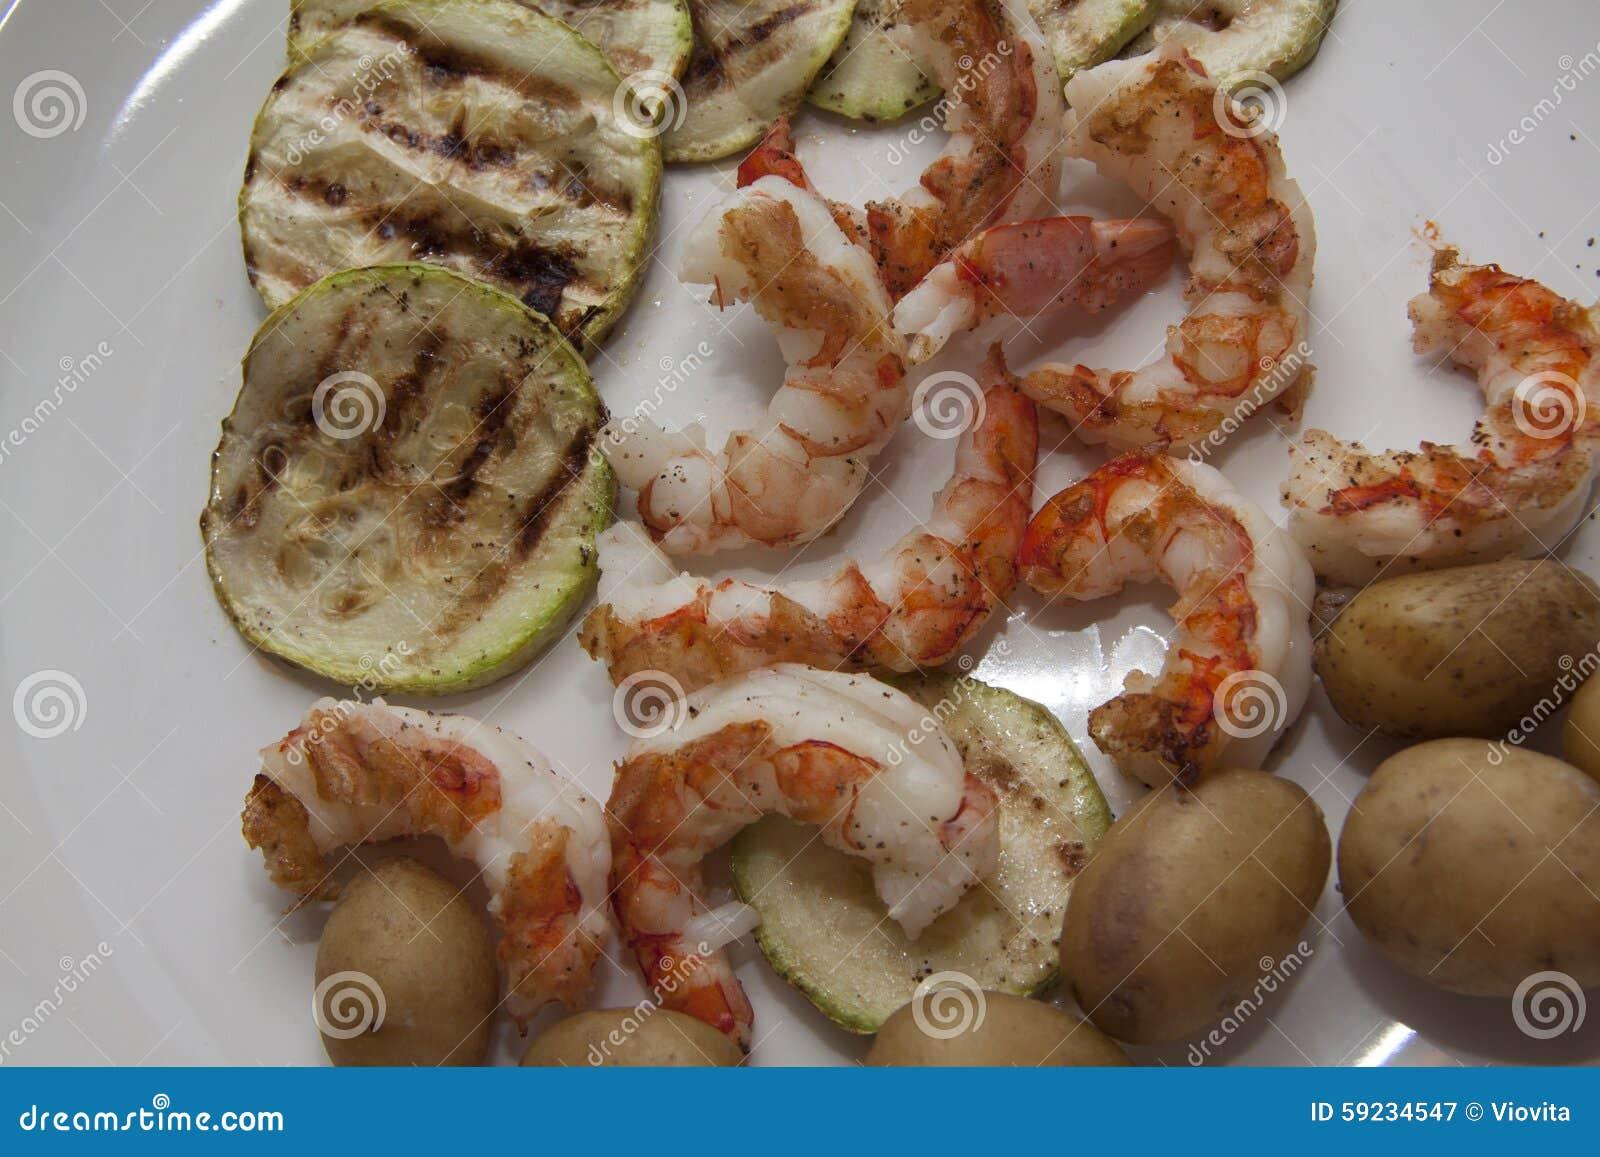 Download Calabacín, Patata En Las Gambas Imagen de archivo - Imagen de variedad, gambas: 59234547